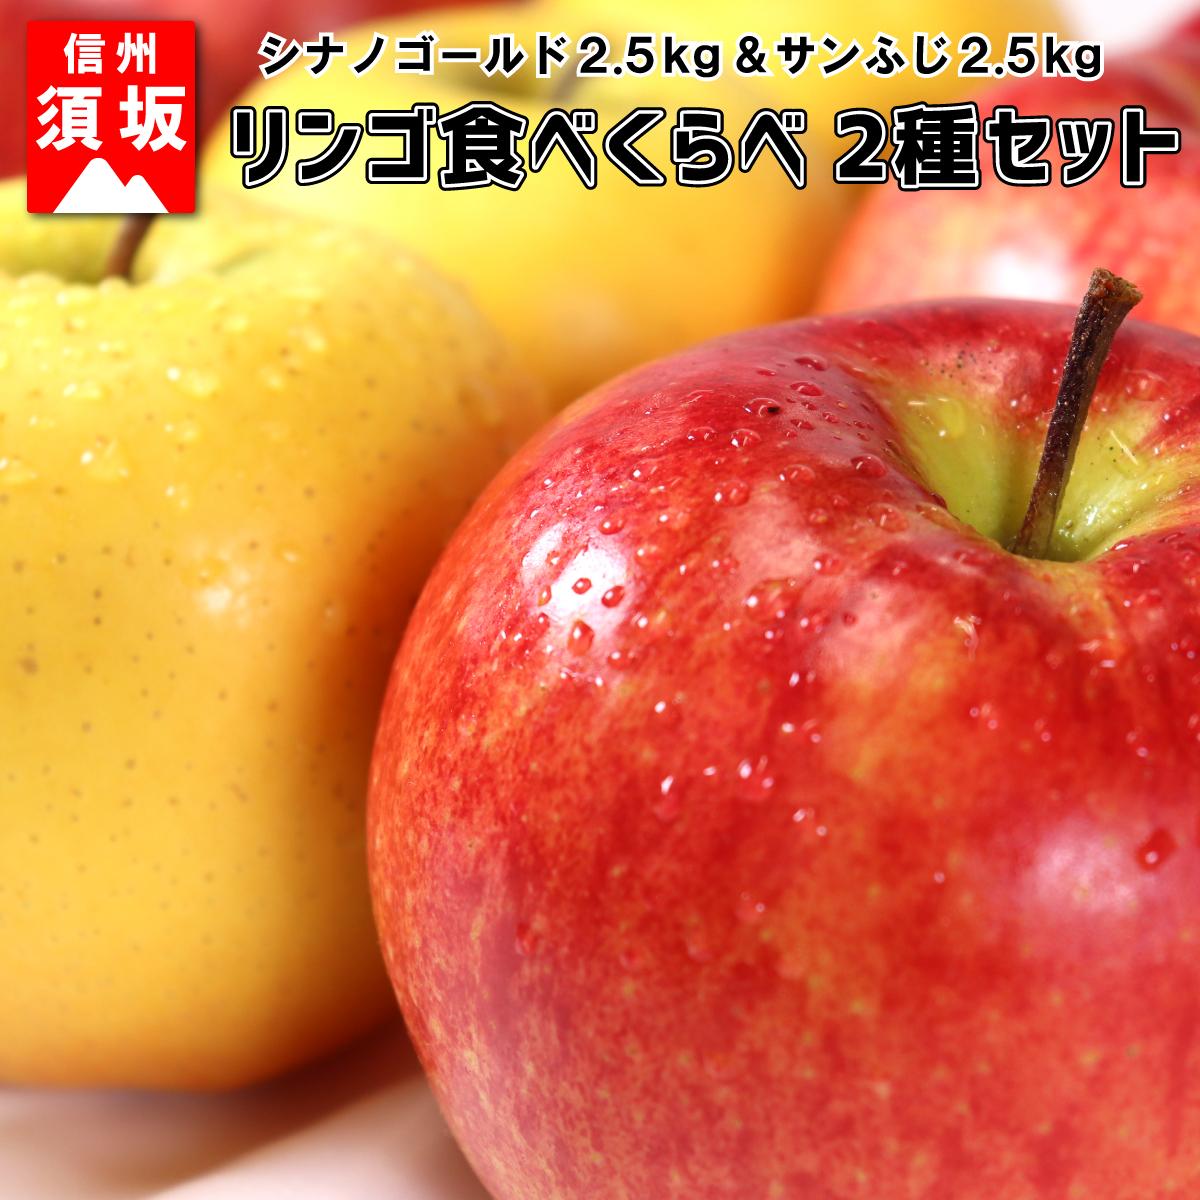 【ふるさと納税】【信州須坂のりんご】食べくらべ二種セット 約5kg 【果物・フルーツ】 お届け:2020年11月1日~11月30日